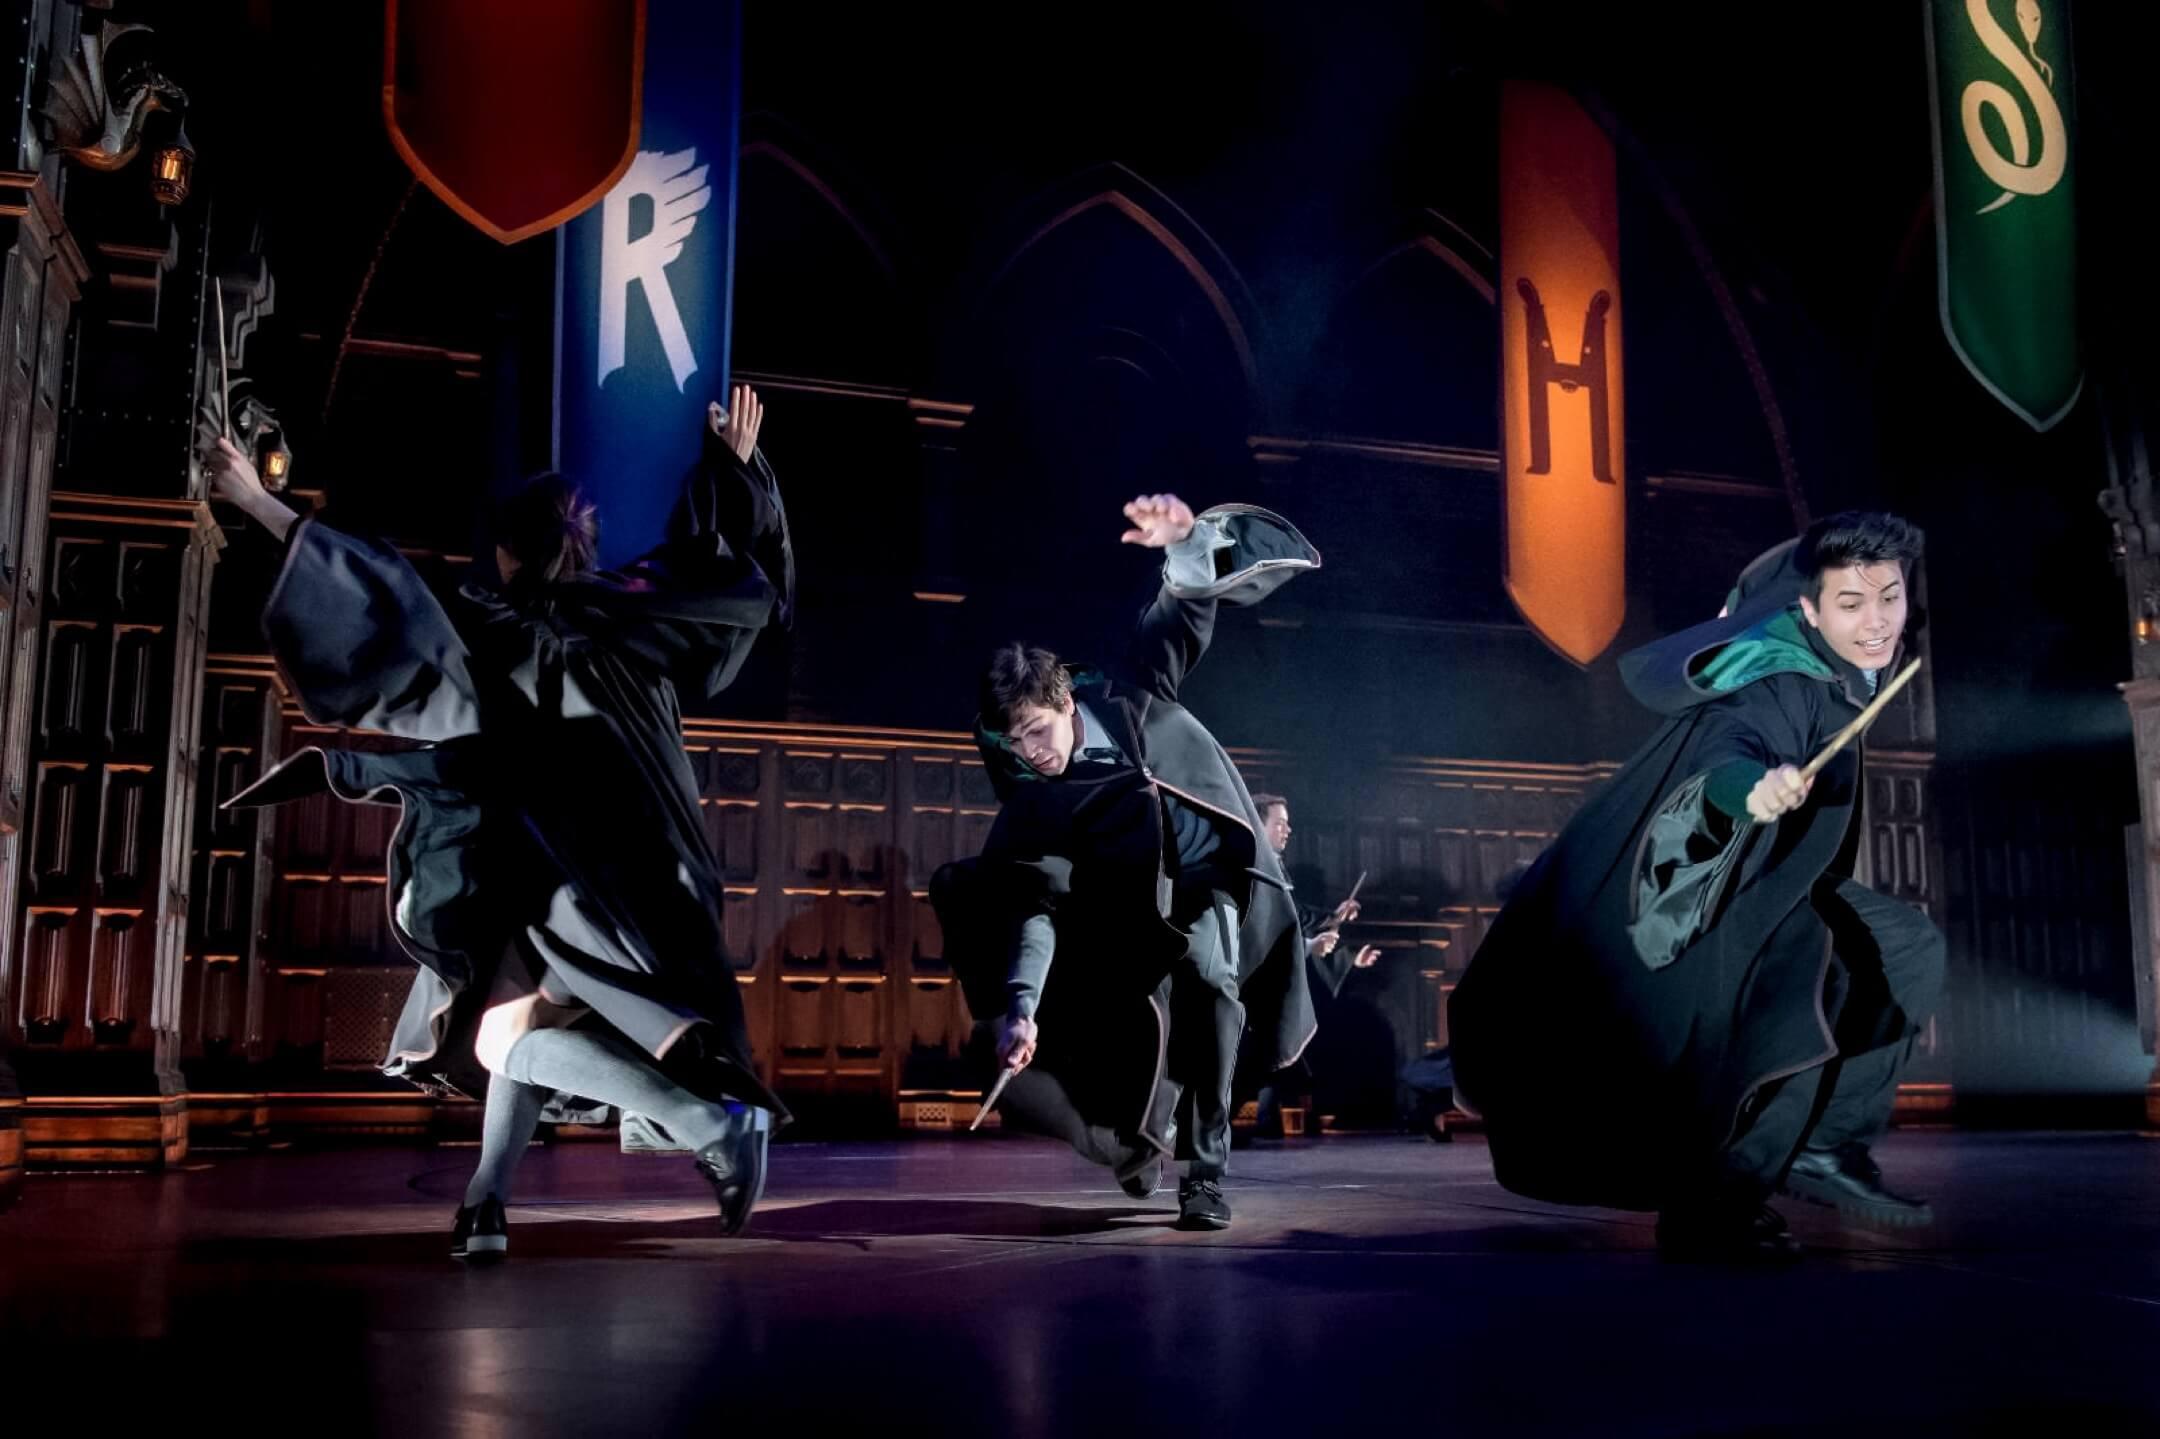 舞台劇《哈利波特與被詛咒的孩子》劇照。 網上圖片